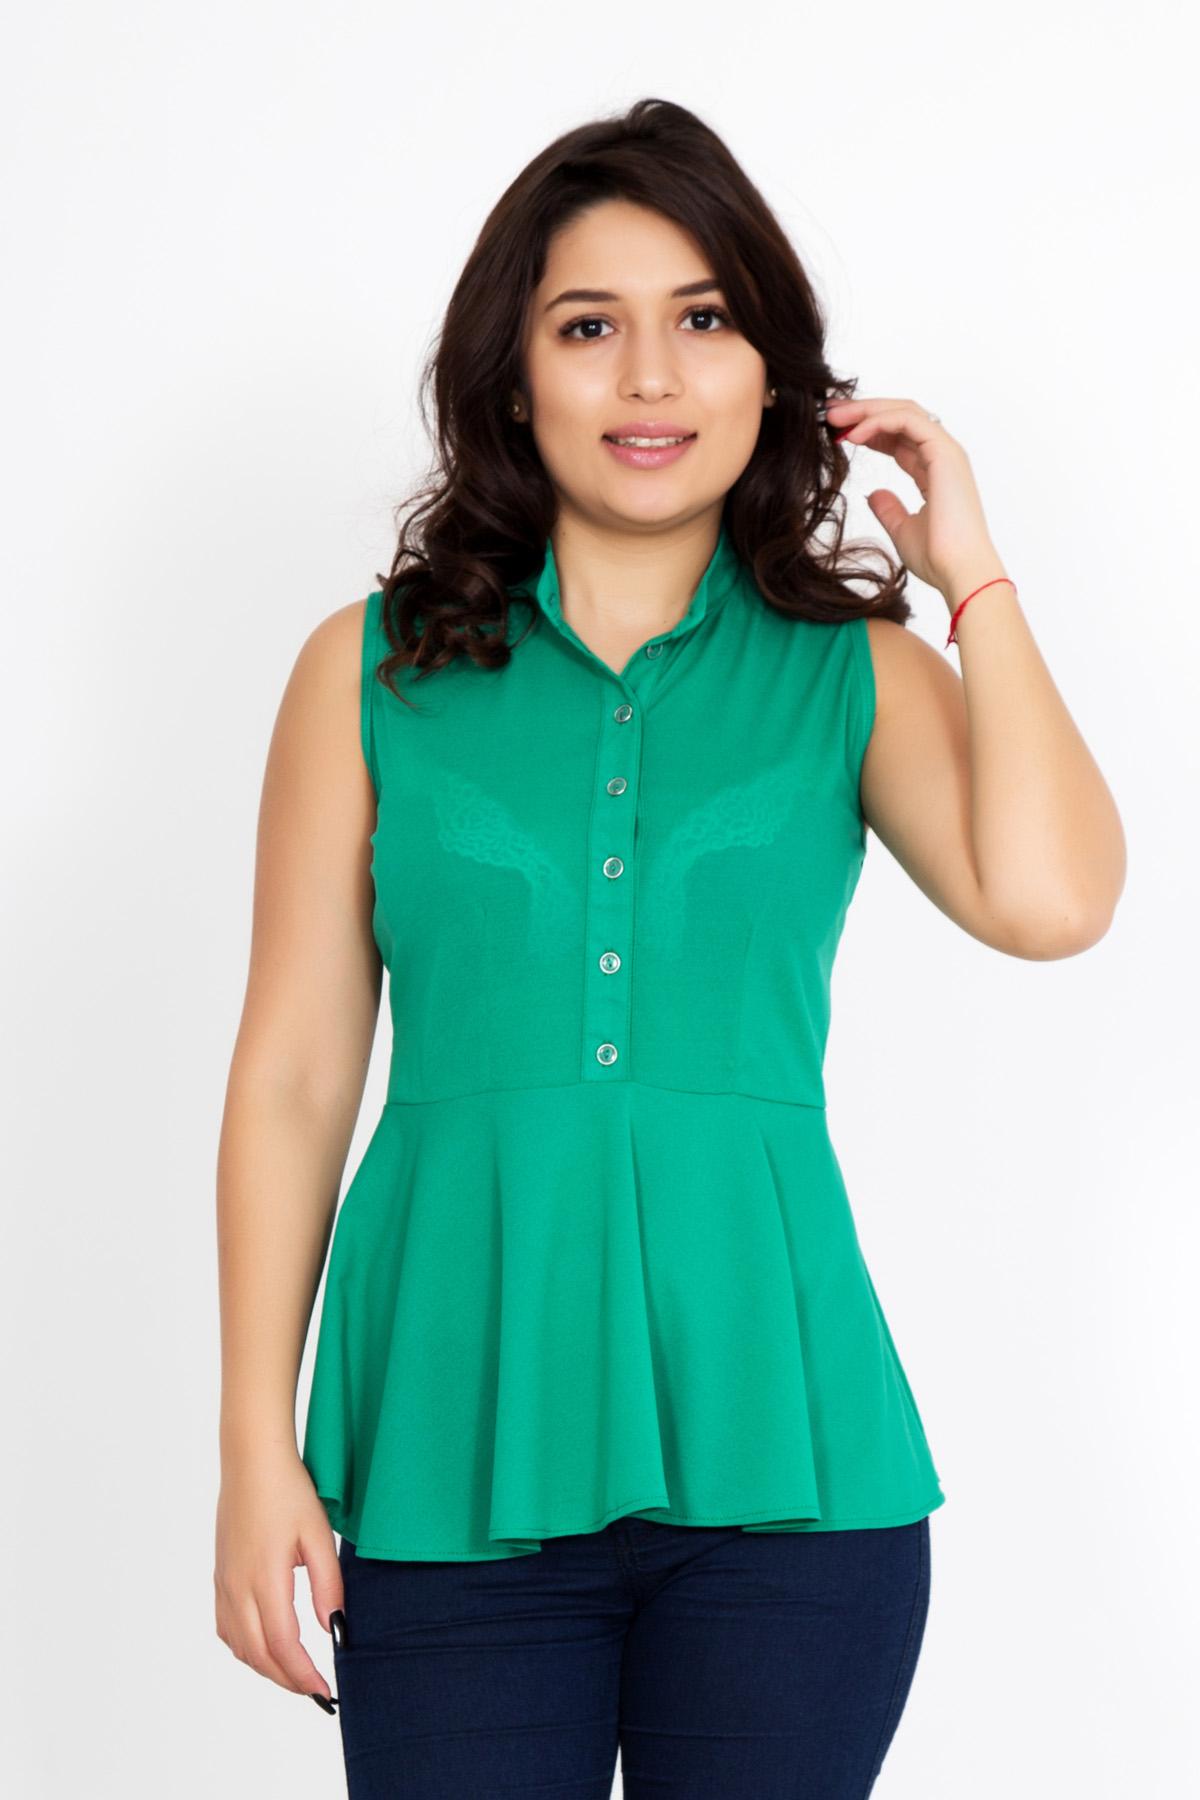 Жен. блуза Дамиана р. 42Распродажа женской одежды<br>Обхват груди: 84 см <br>Обхват талии: 65 см <br>Обхват бедер: 92 см <br>Длина по спинке: 62 см <br>Рост: 167 см<br><br>Тип: Жен. блуза<br>Размер: 42<br>Материал: Креп